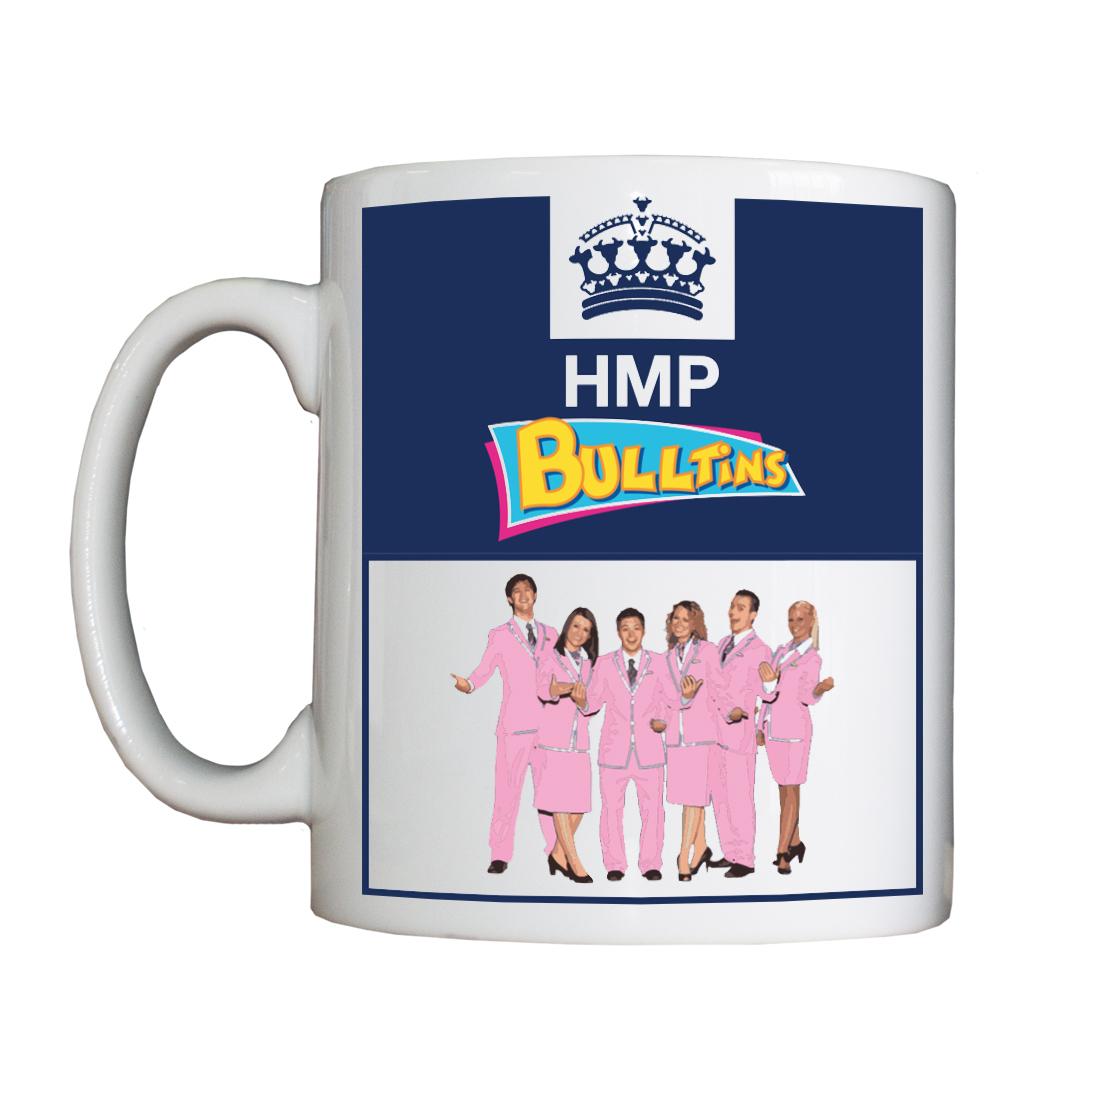 Personalised 'HMP Bulltins' Drinking Vessel (Mug) HMPBulltinsVessel